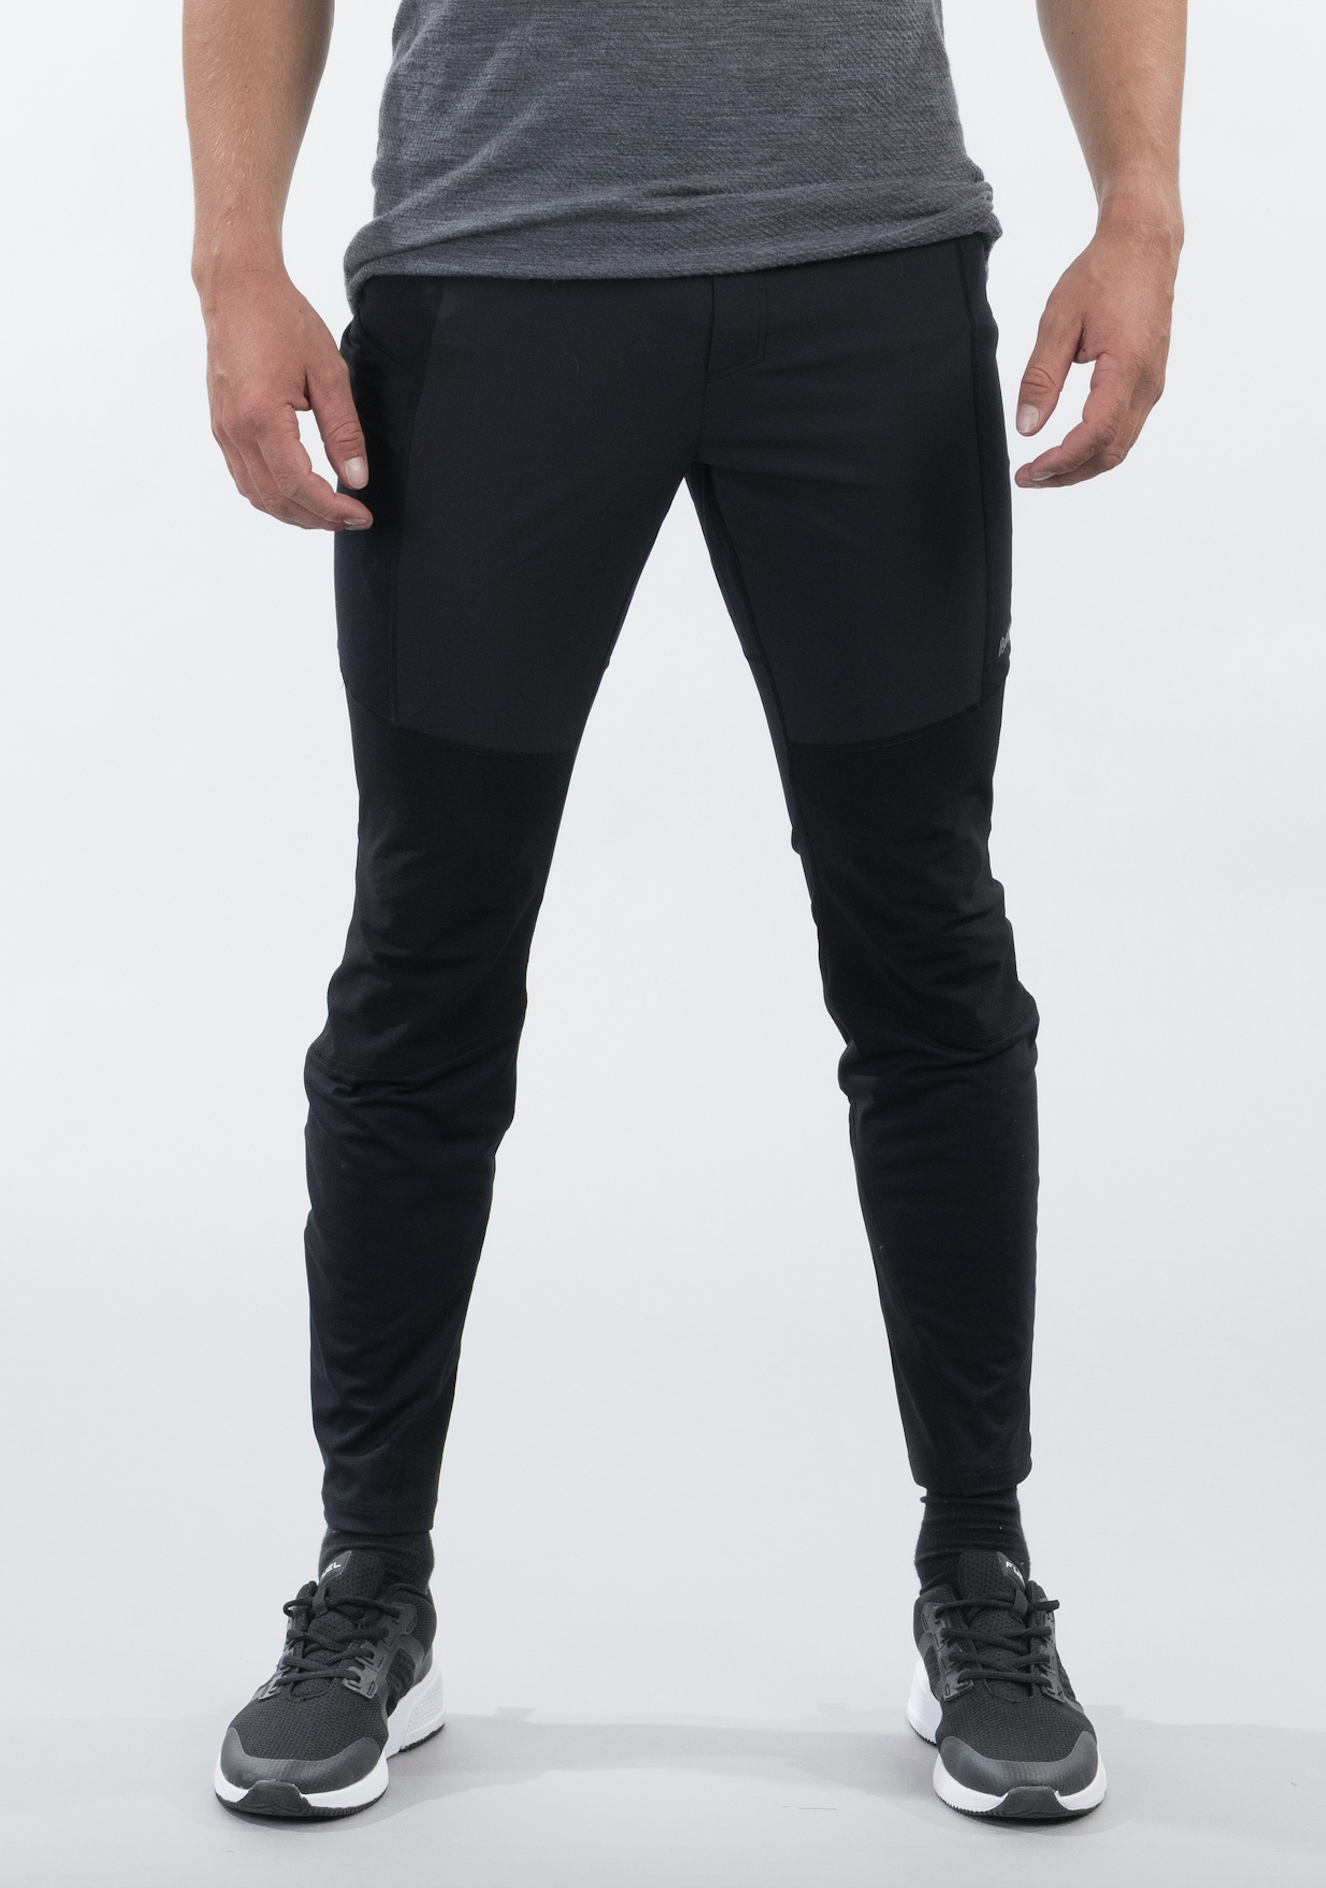 Bilde av Bergans  Fløyen V2 Pants 91 Black